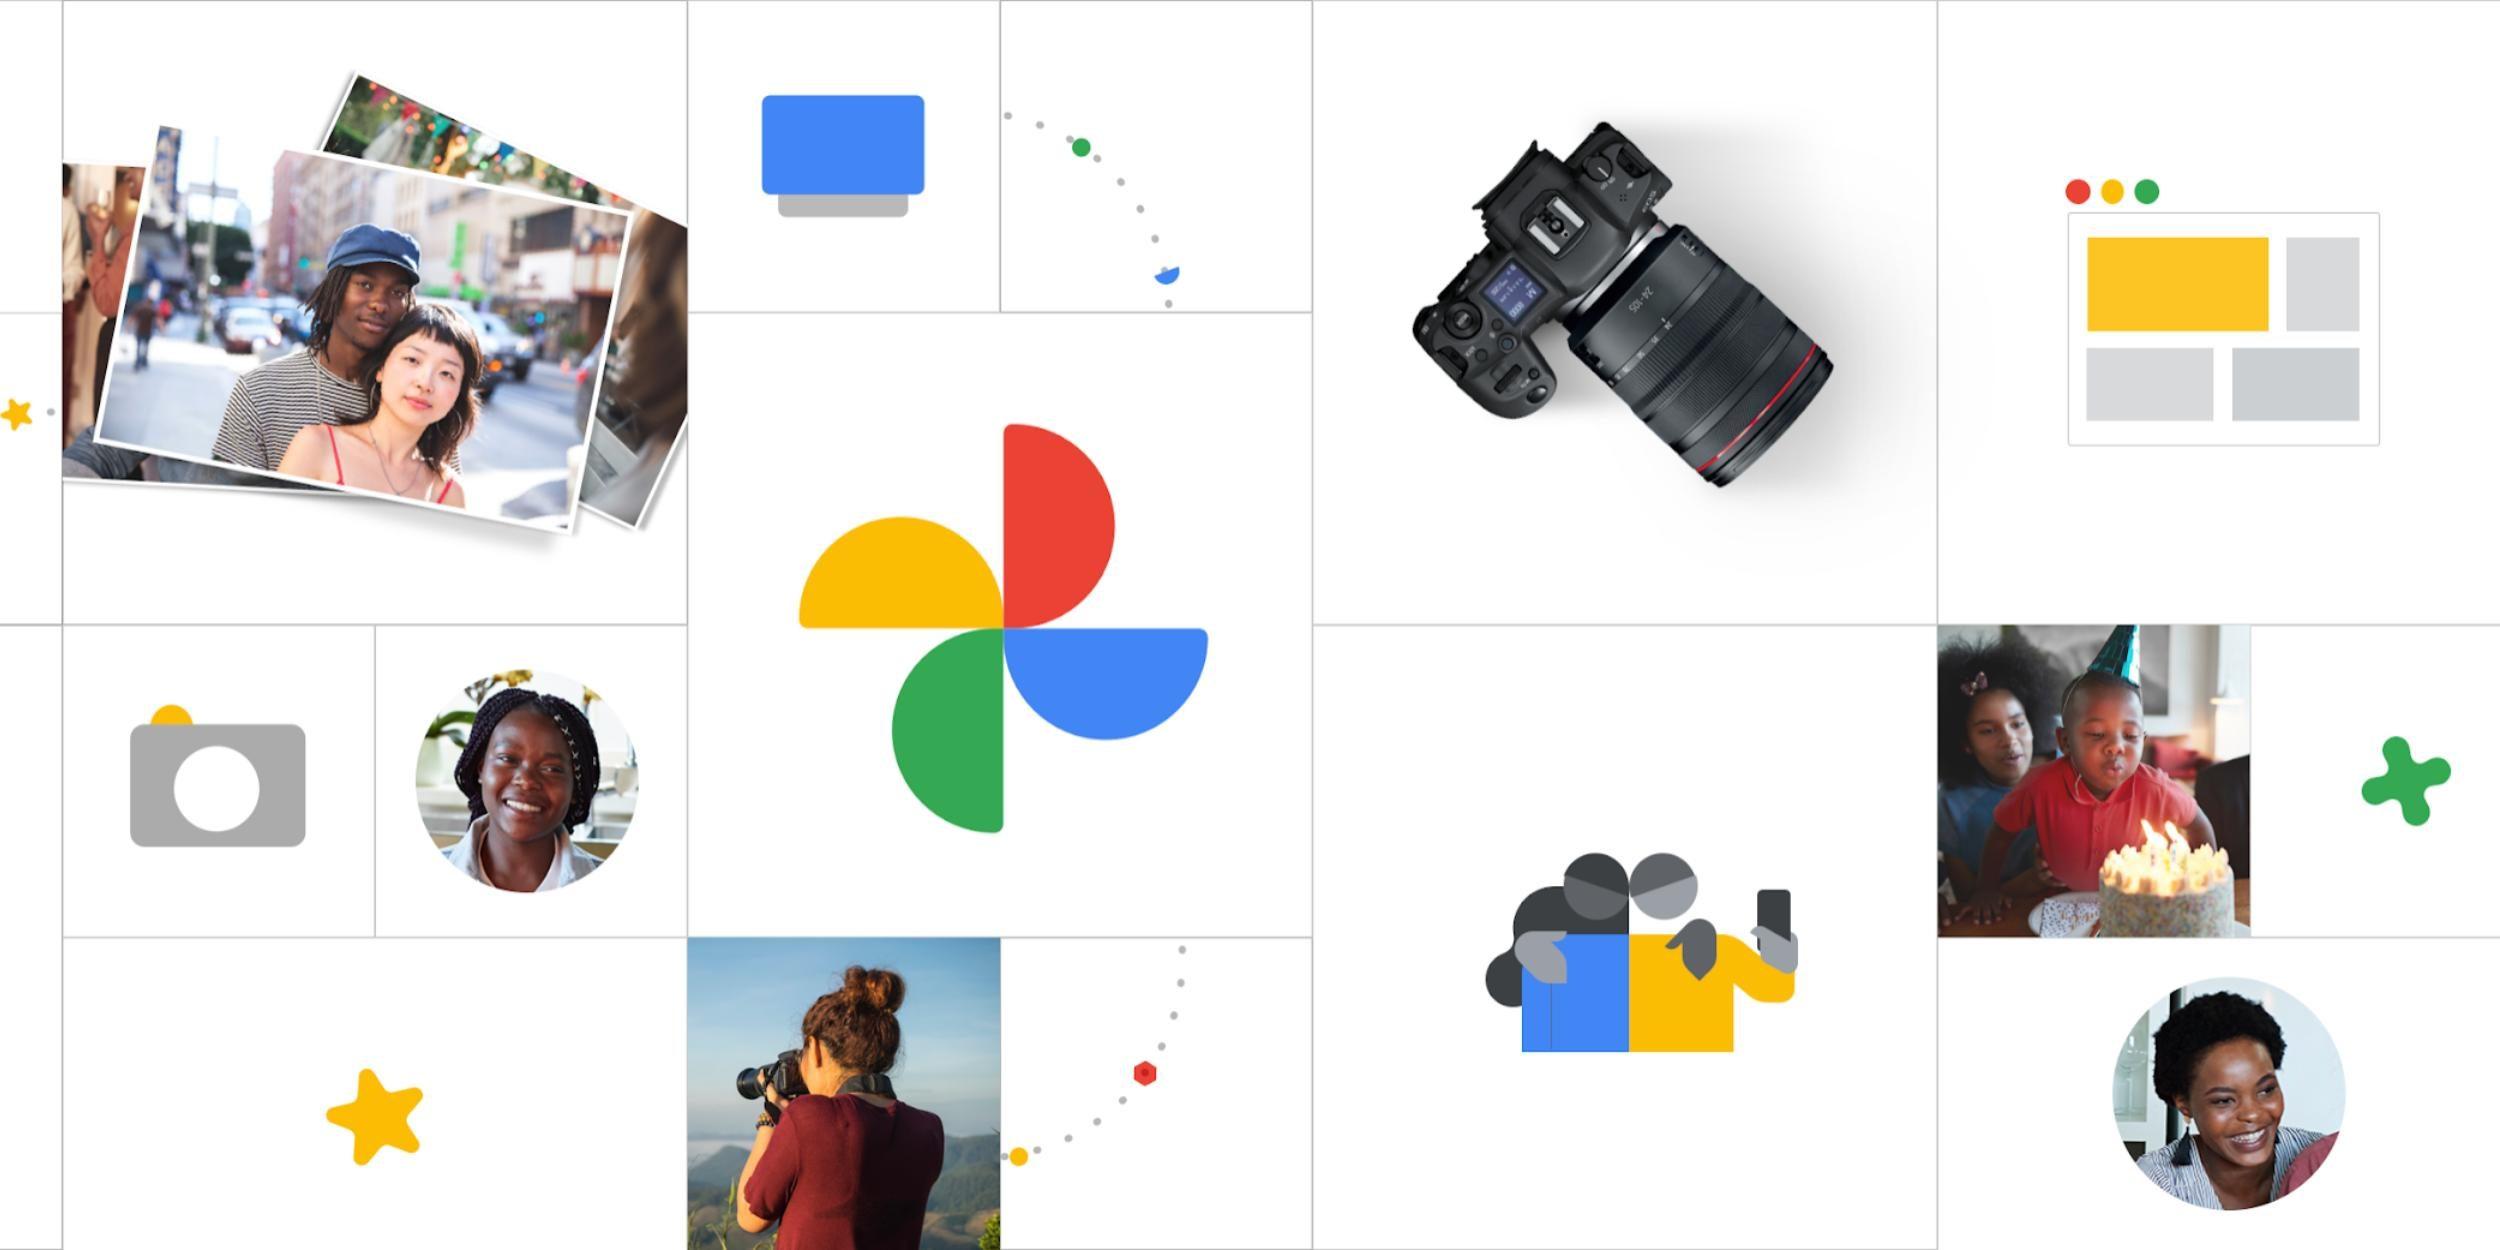 Возможностью «унести все свои данные из Гугла» пользуются не менее 2 млн раз в месяц. И я не удивлён - на самом деле это просто экспорт всего, что о тебе знает Гугл, я сам пару раз пользовался 9to5google.com/2020/09/21/google-takeout-albums-transfer/Google